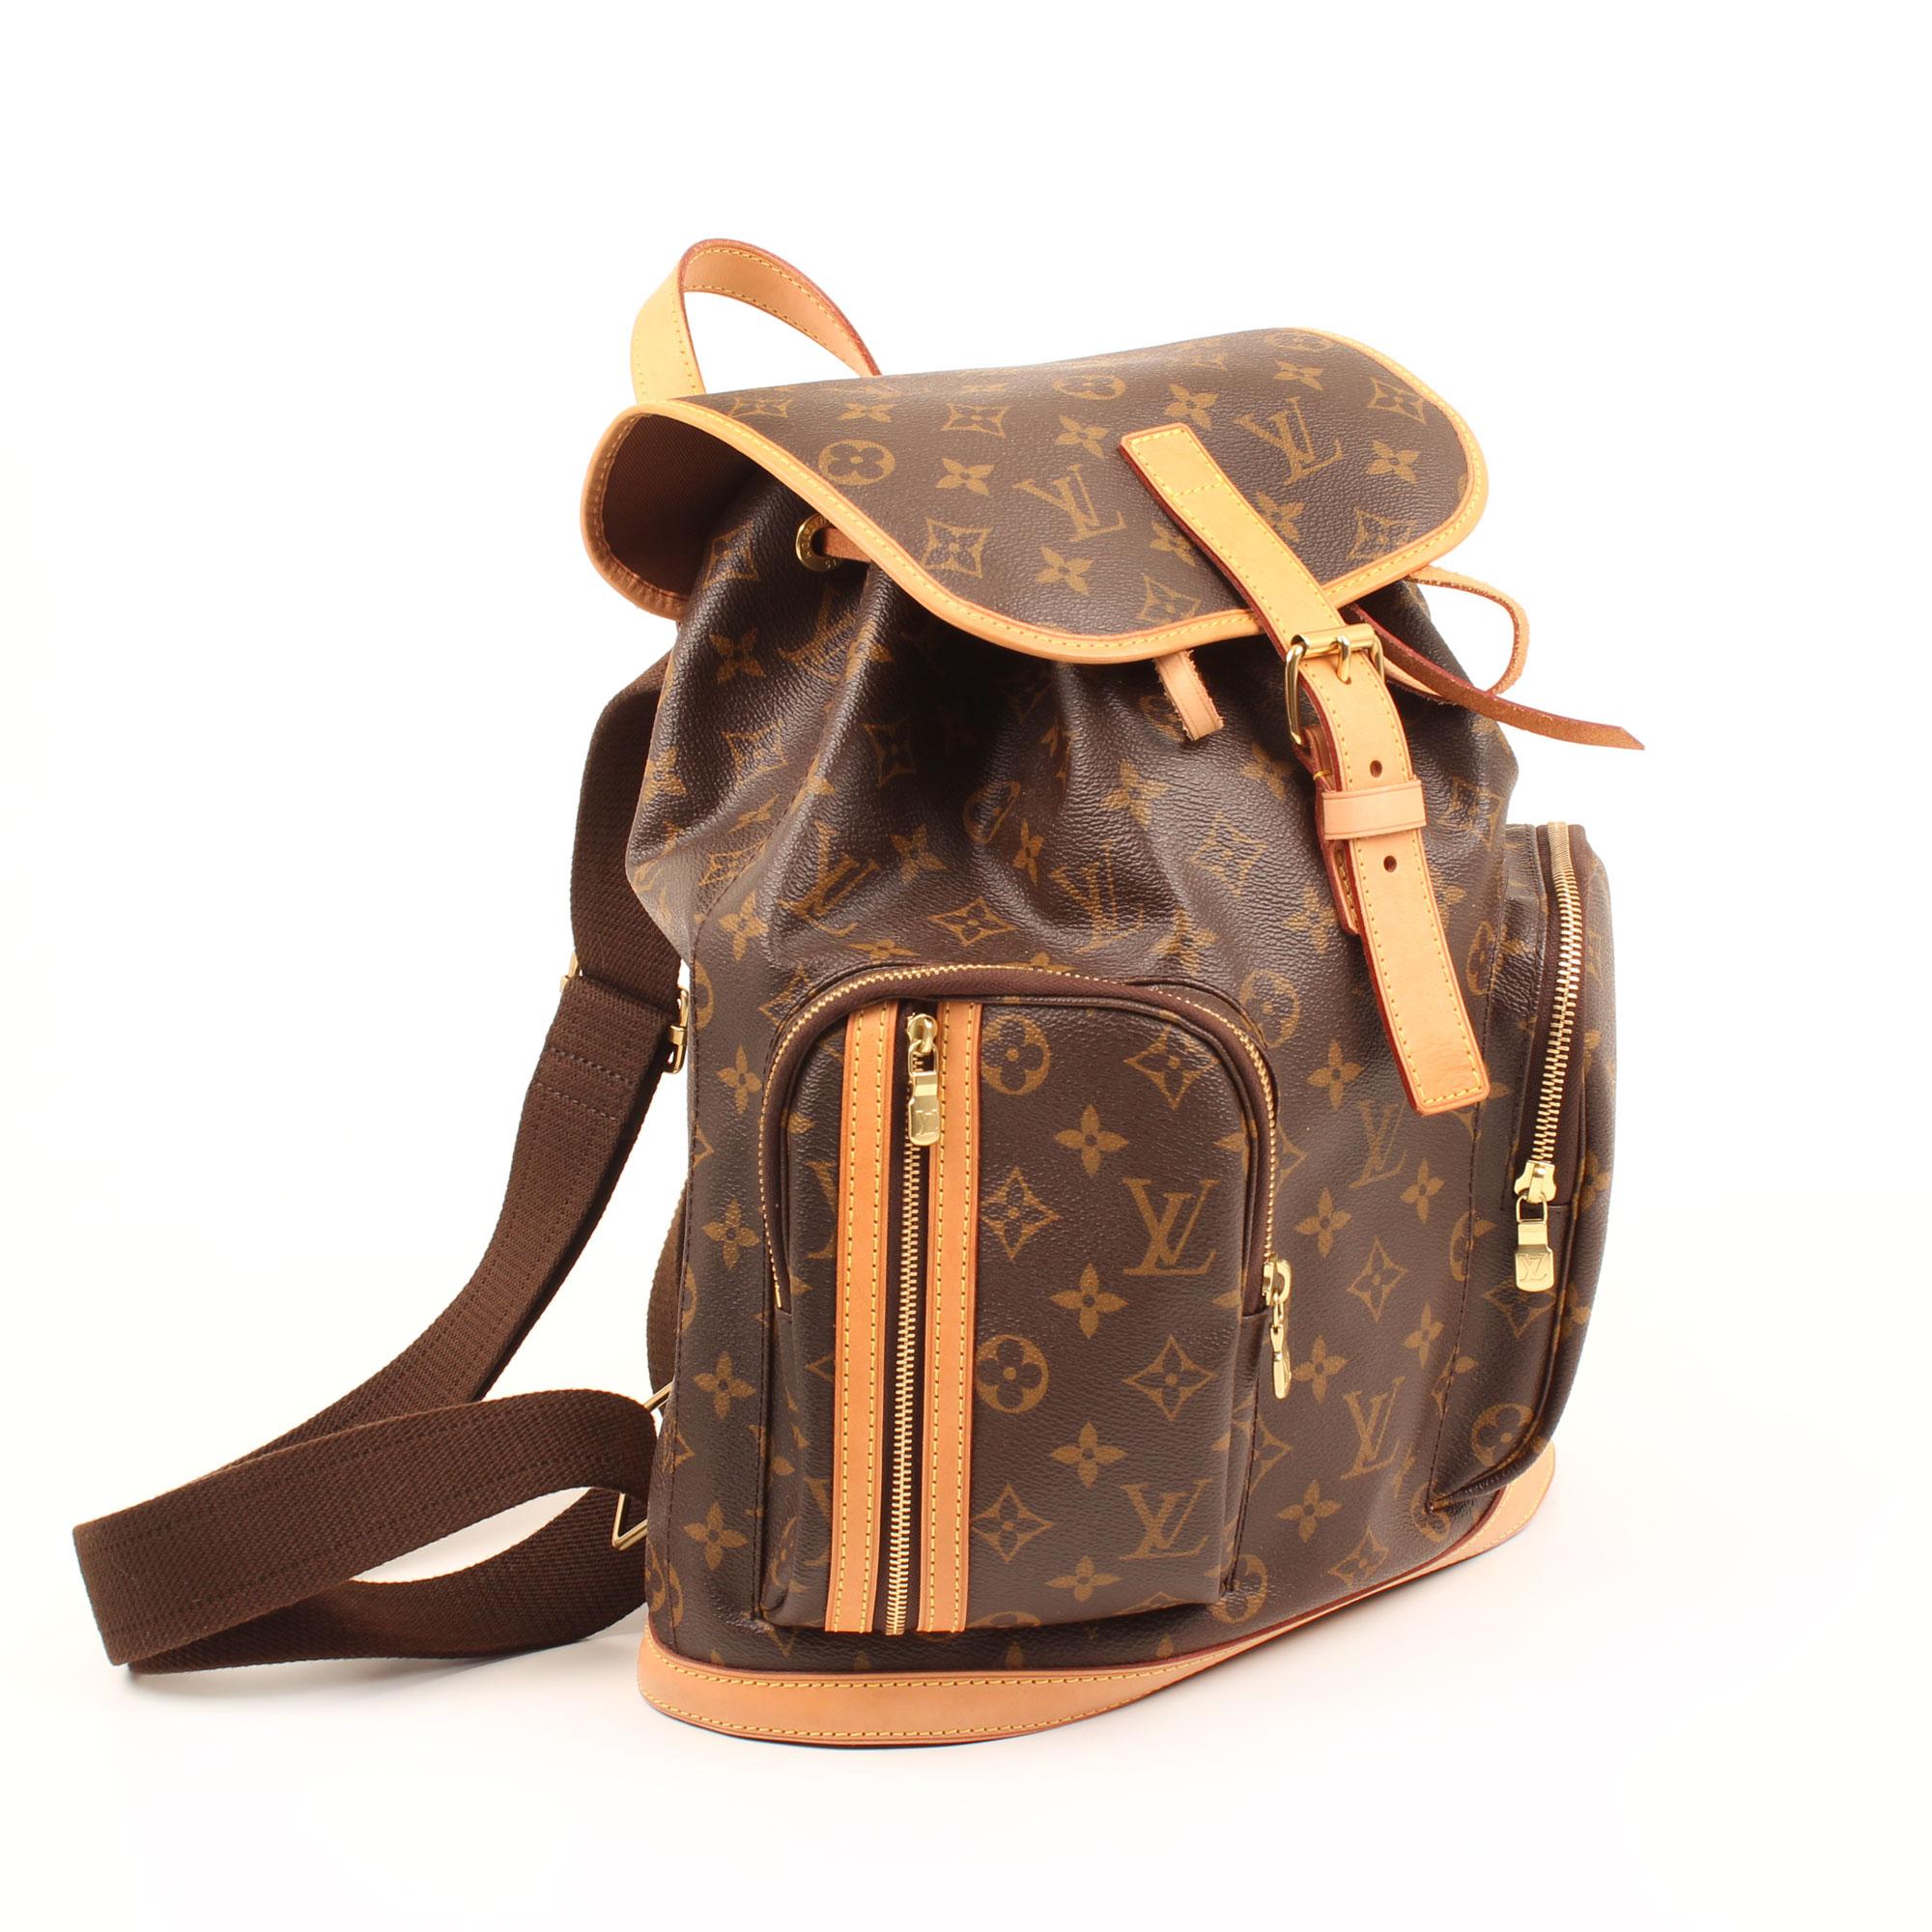 Imagen general de la mochila louis vuitton bosphore monogram